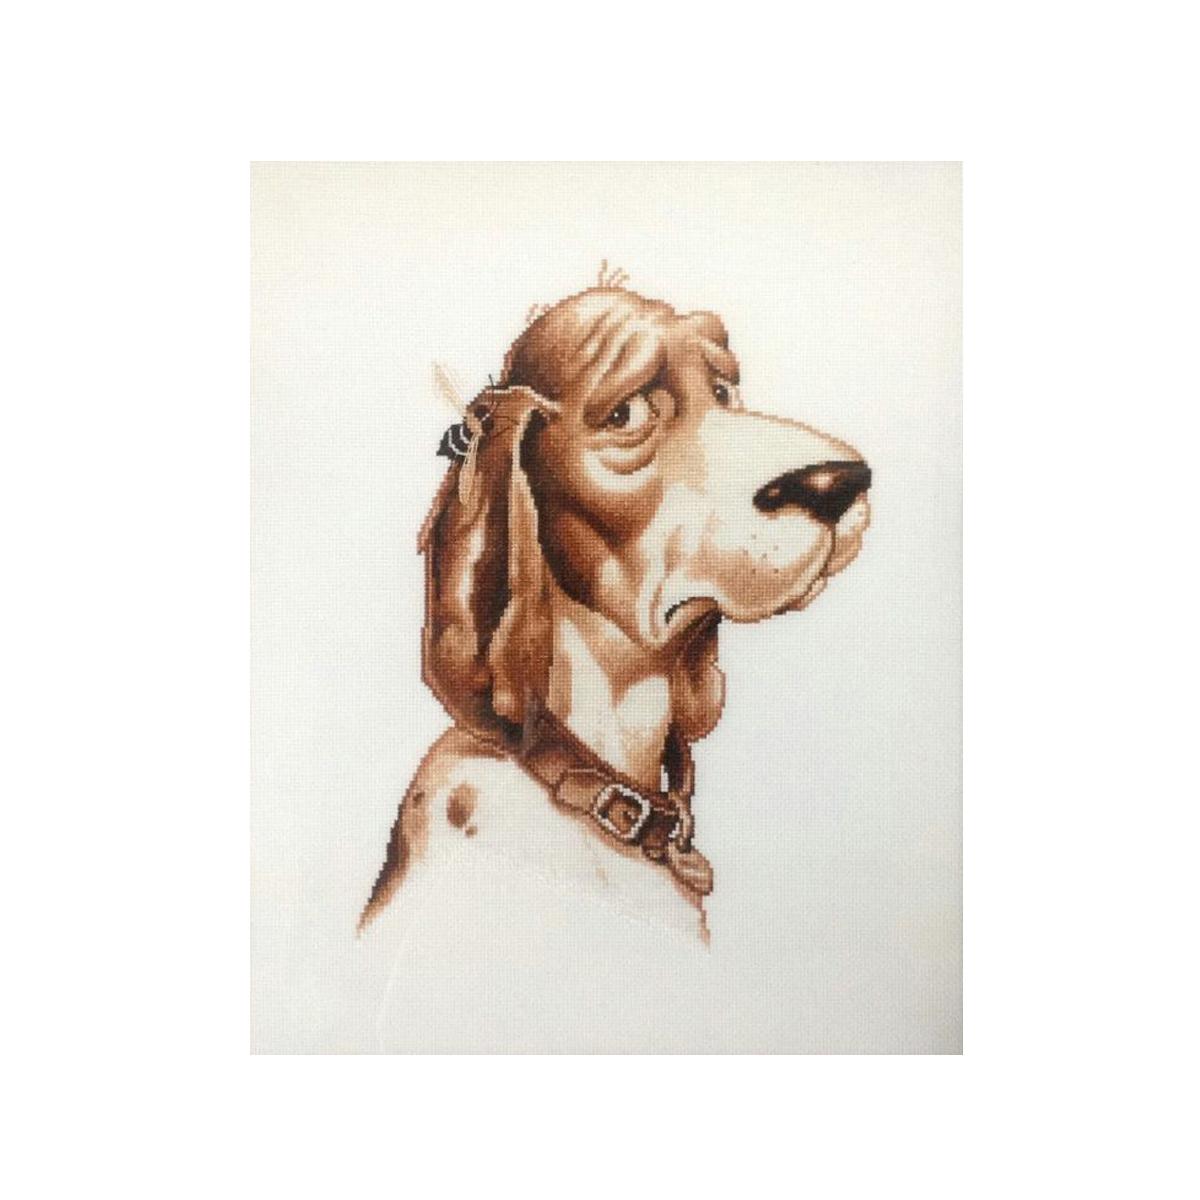 Набор для вышивания Alisena Собака, 21 x 27 см383108